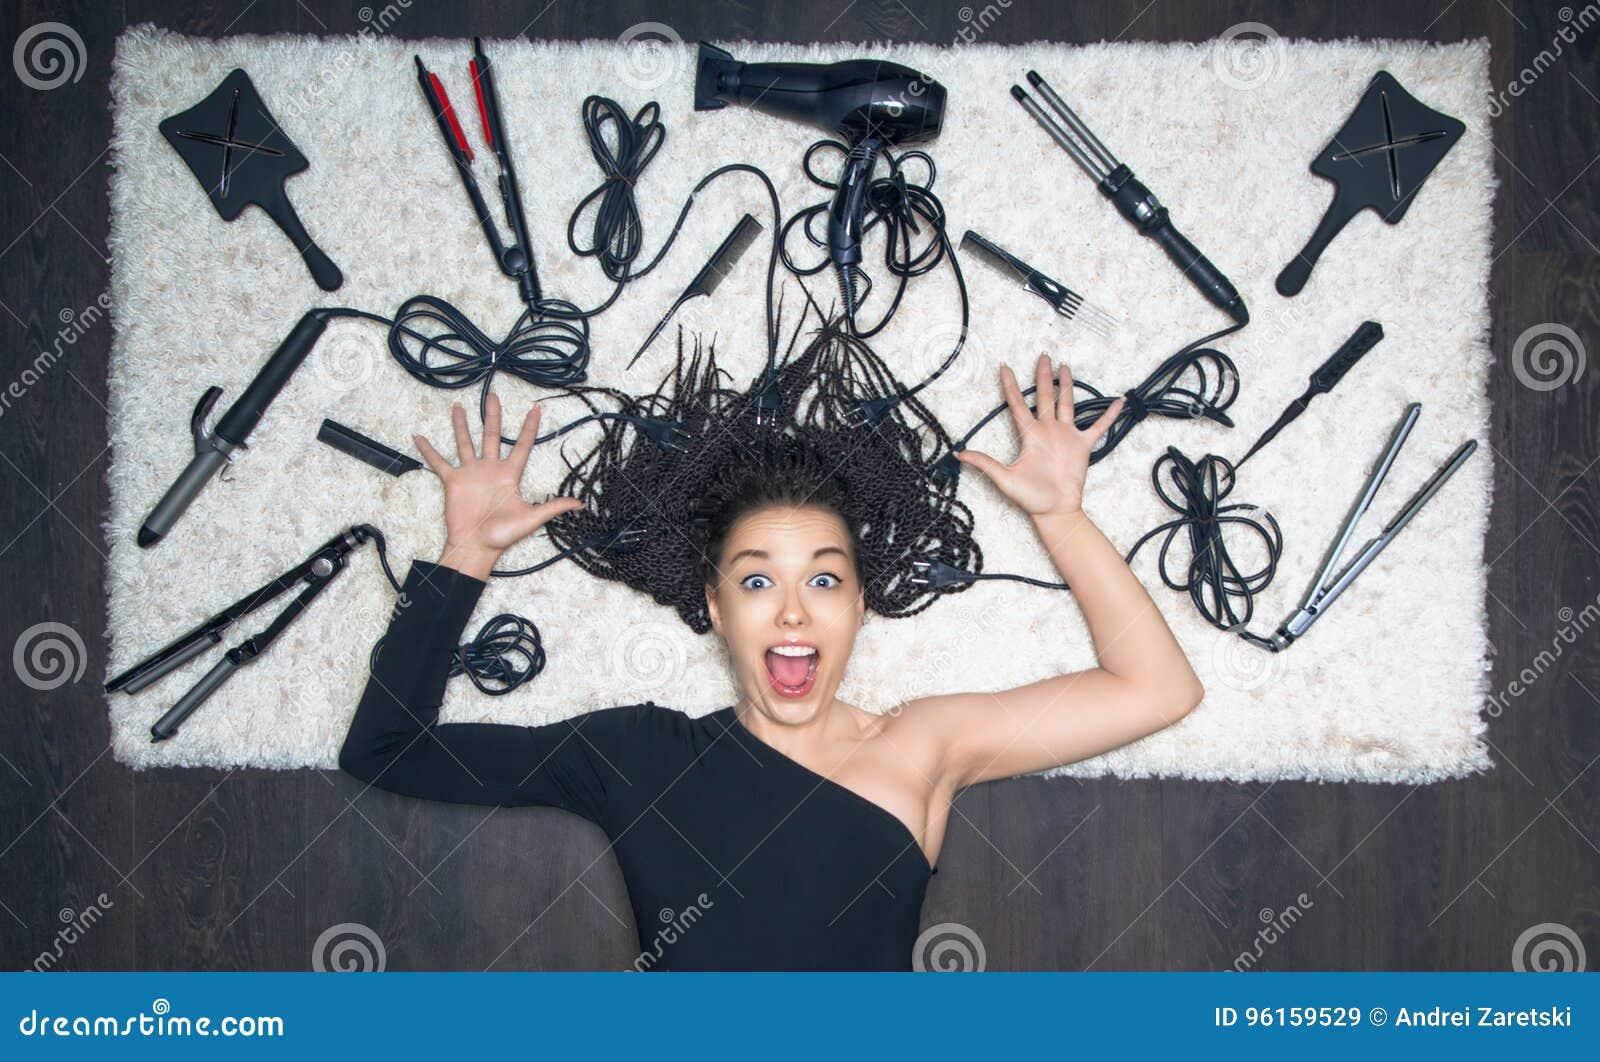 Powabna dziewczyna rozprzestrzenia jej ręki wrzaski i strona